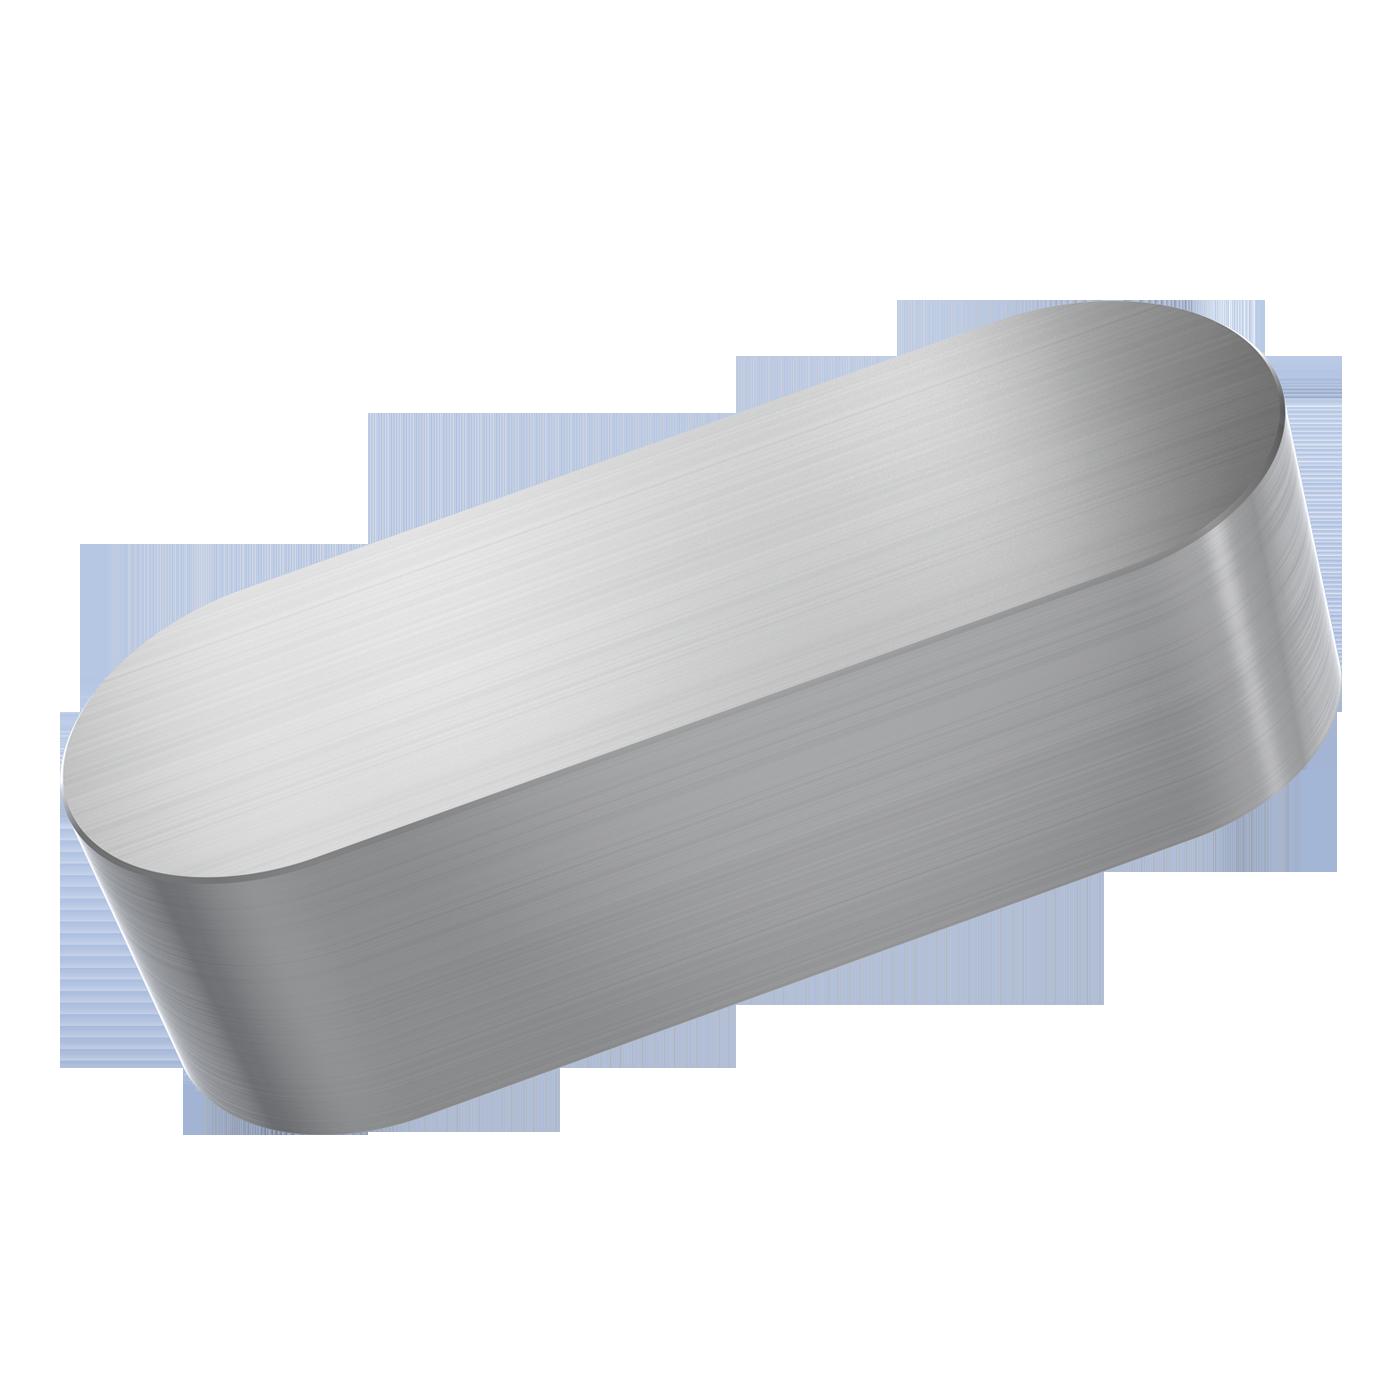 mbo Oßwald ist Anbieter von Paßfeder, Paßfedern, Passfeder, Passfedern, nach DIN 6885 Form A rundstirnig, hohe Form. mbo Oßwald liefert diese Maschinenelemente in Werkstoff Stahl und Edelstahl.